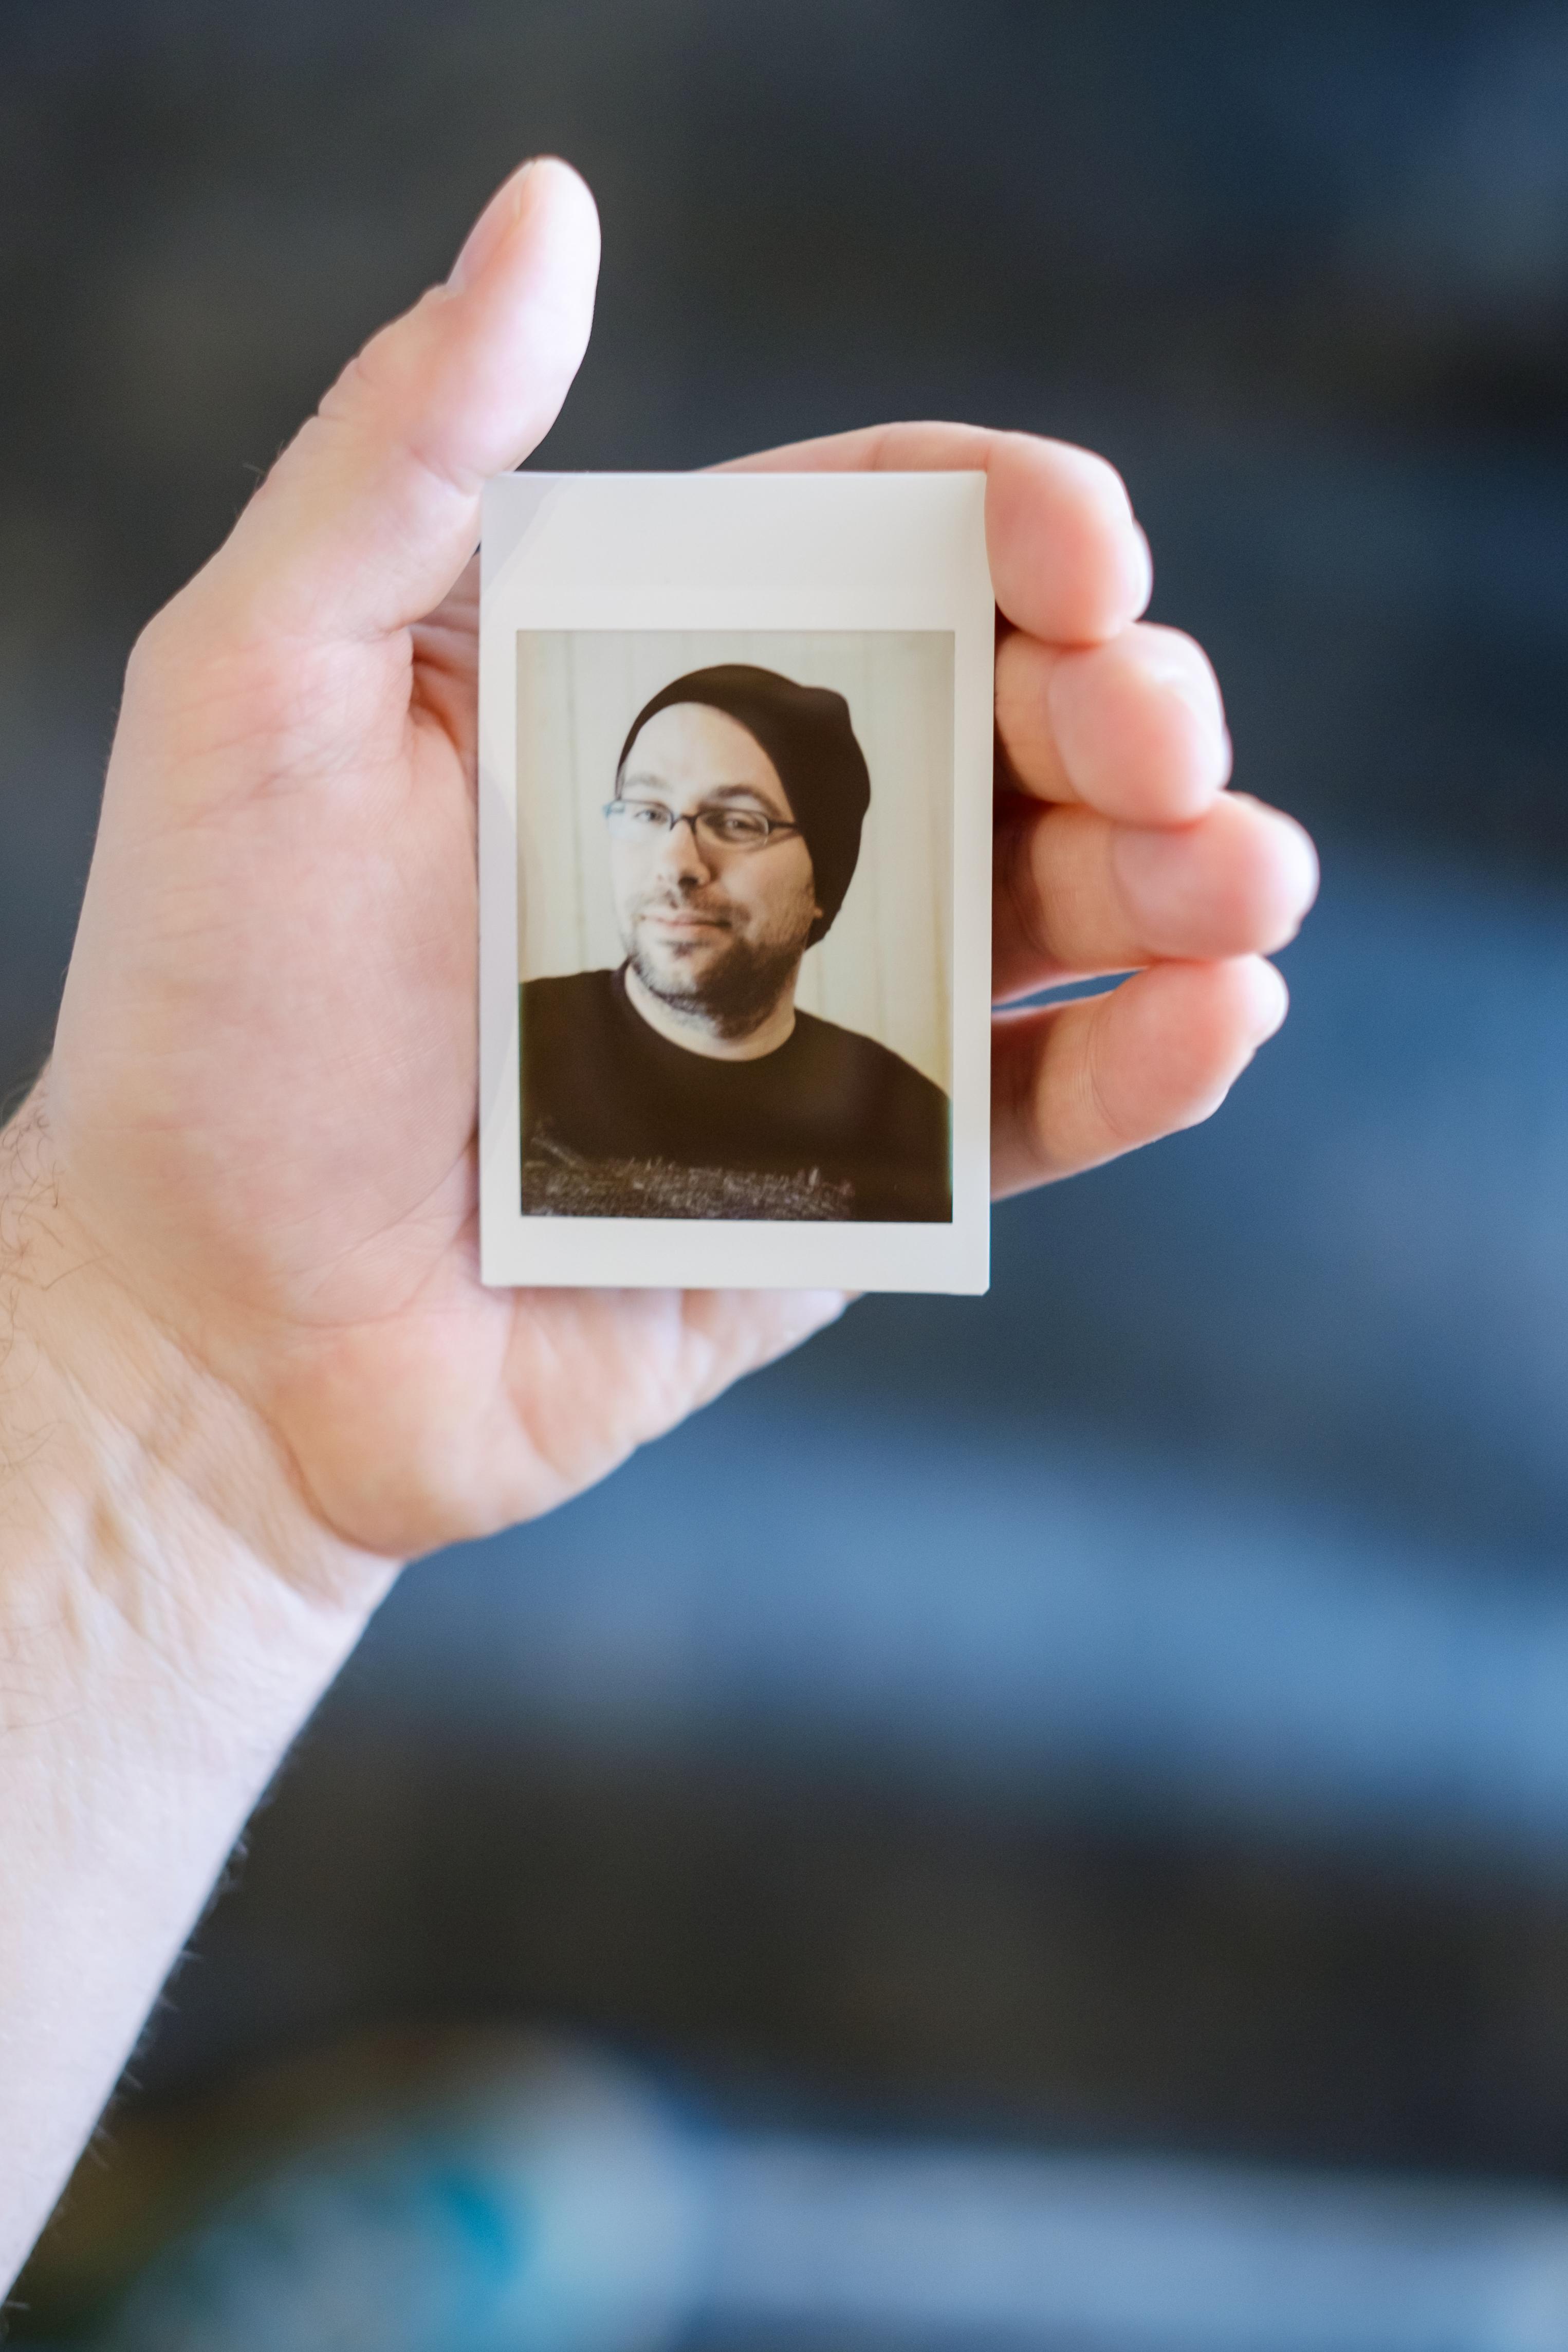 Olivier Bourget portrait dans la main-134